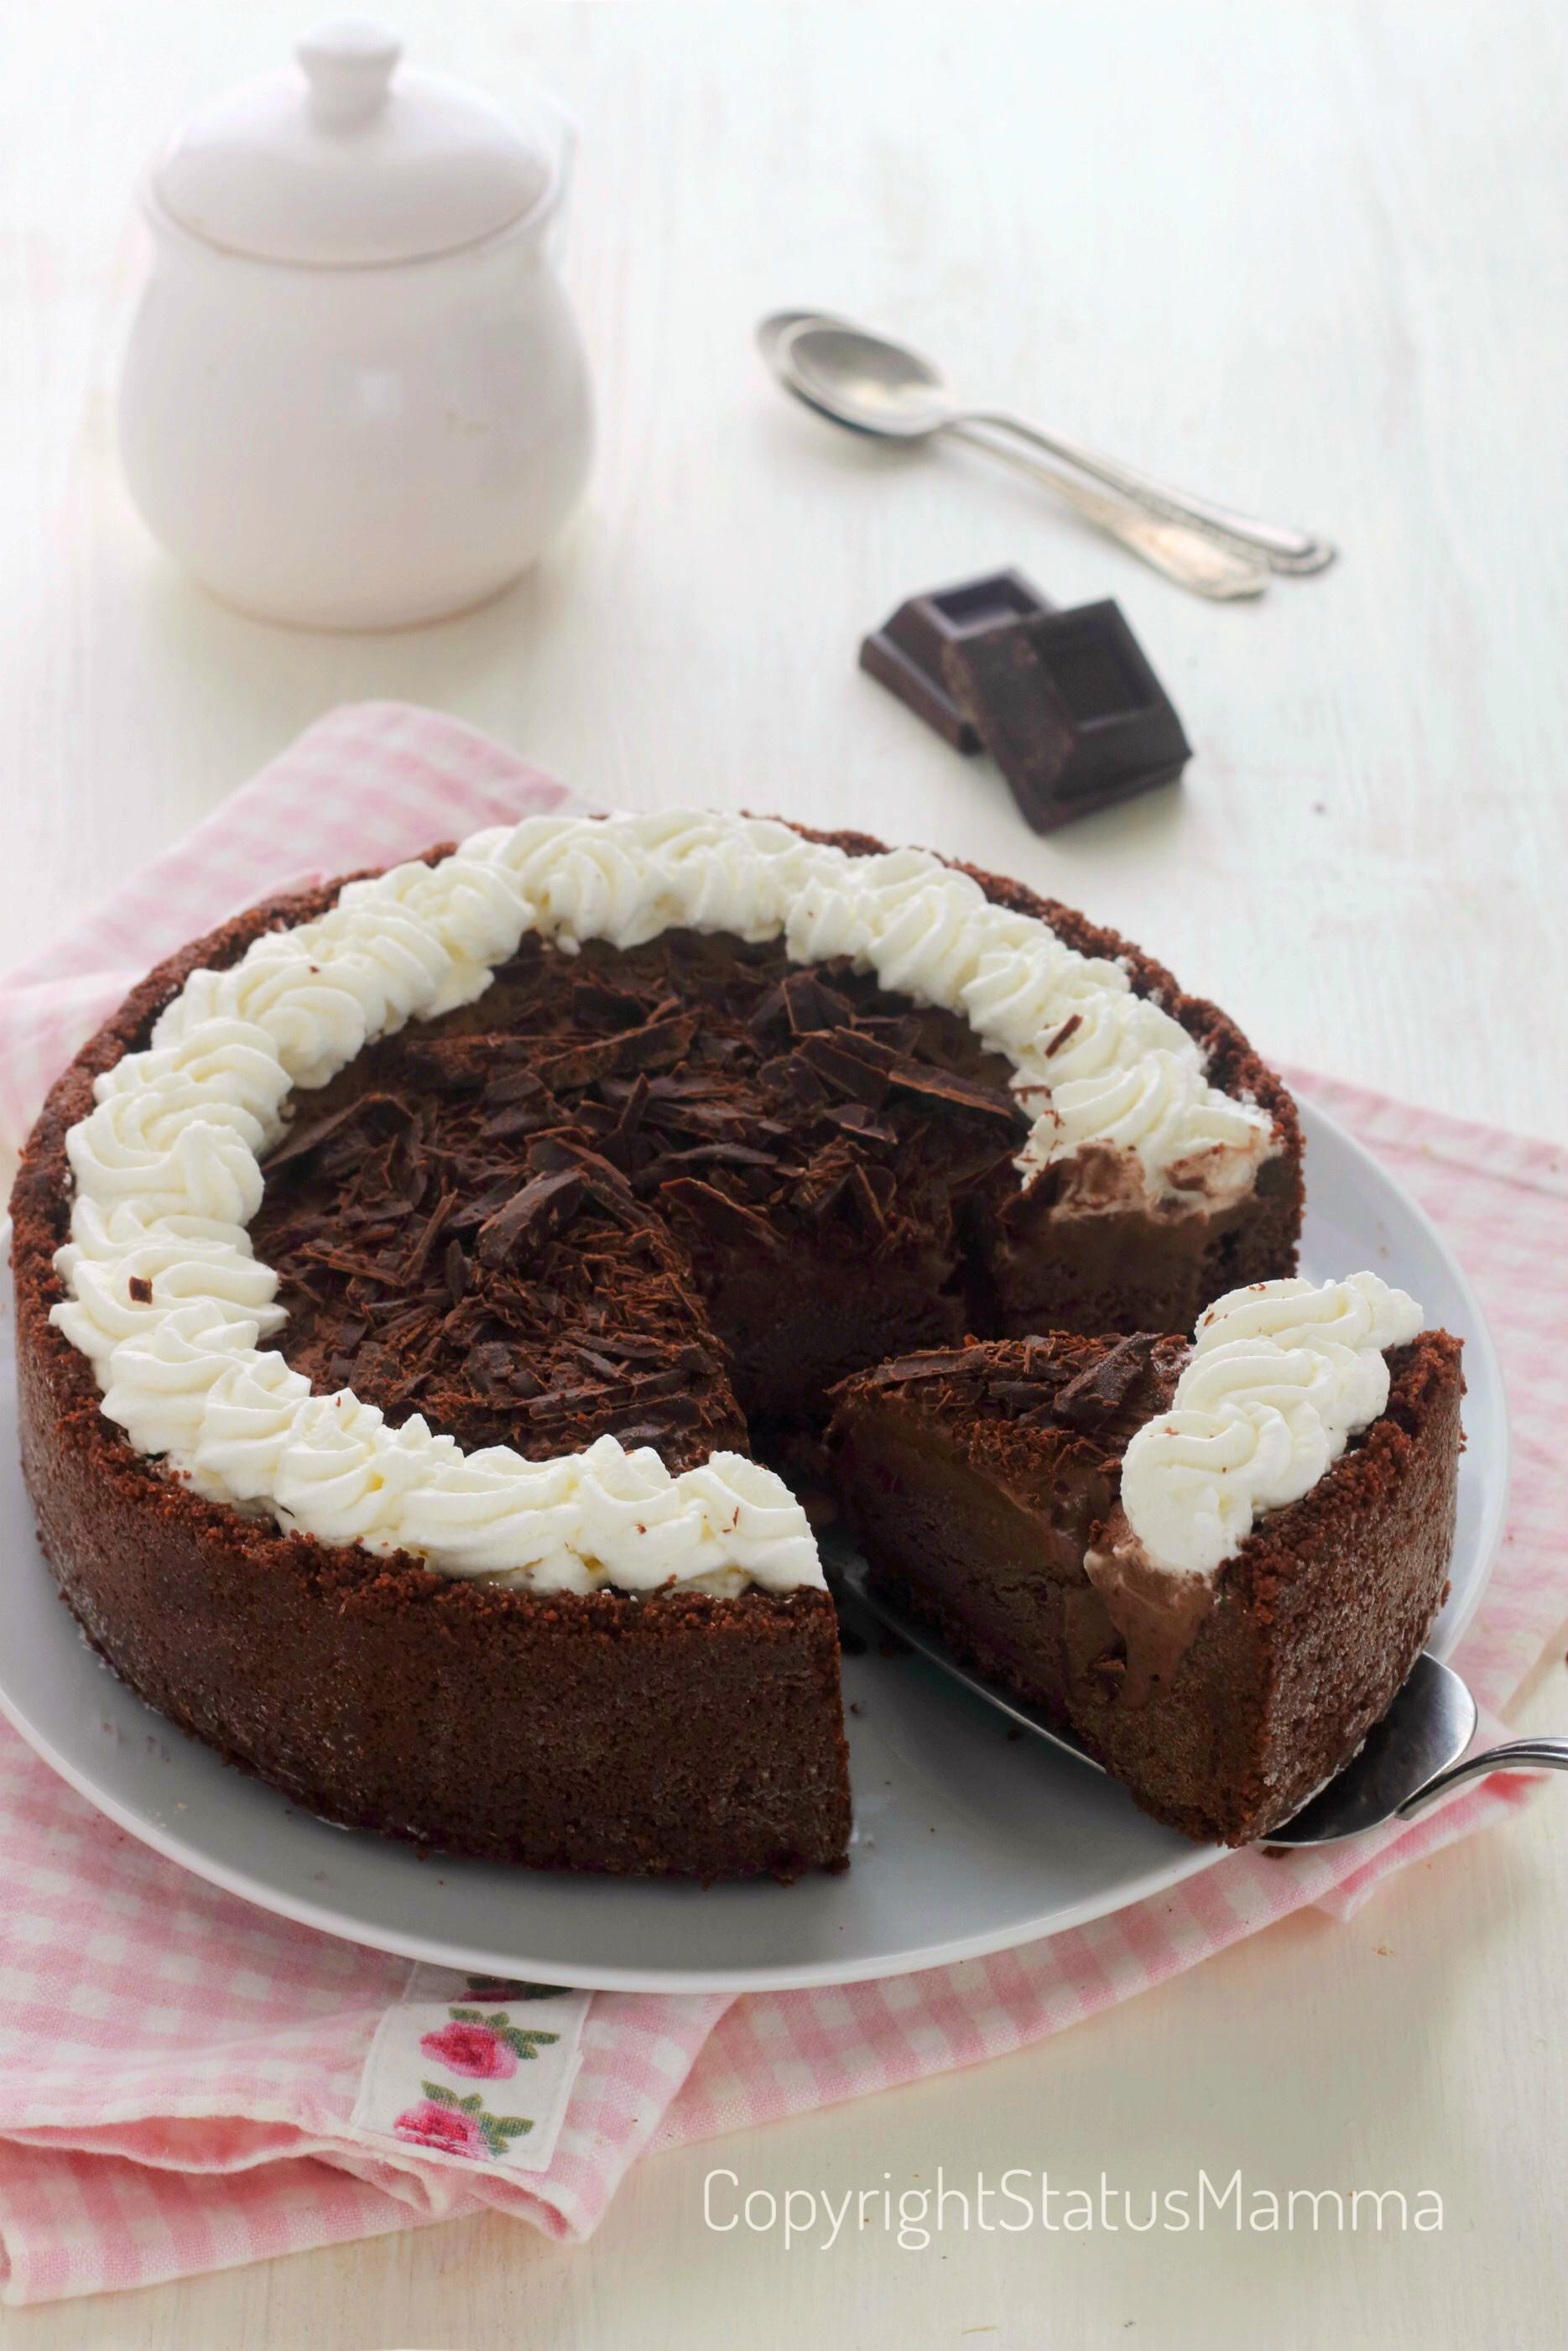 Ricetta torta gelato al cioccolato del Mississipi furbissima con e senza bimby facile con e senza bimby ispirata alla golosa e mitica Mississippi Mud Pie.